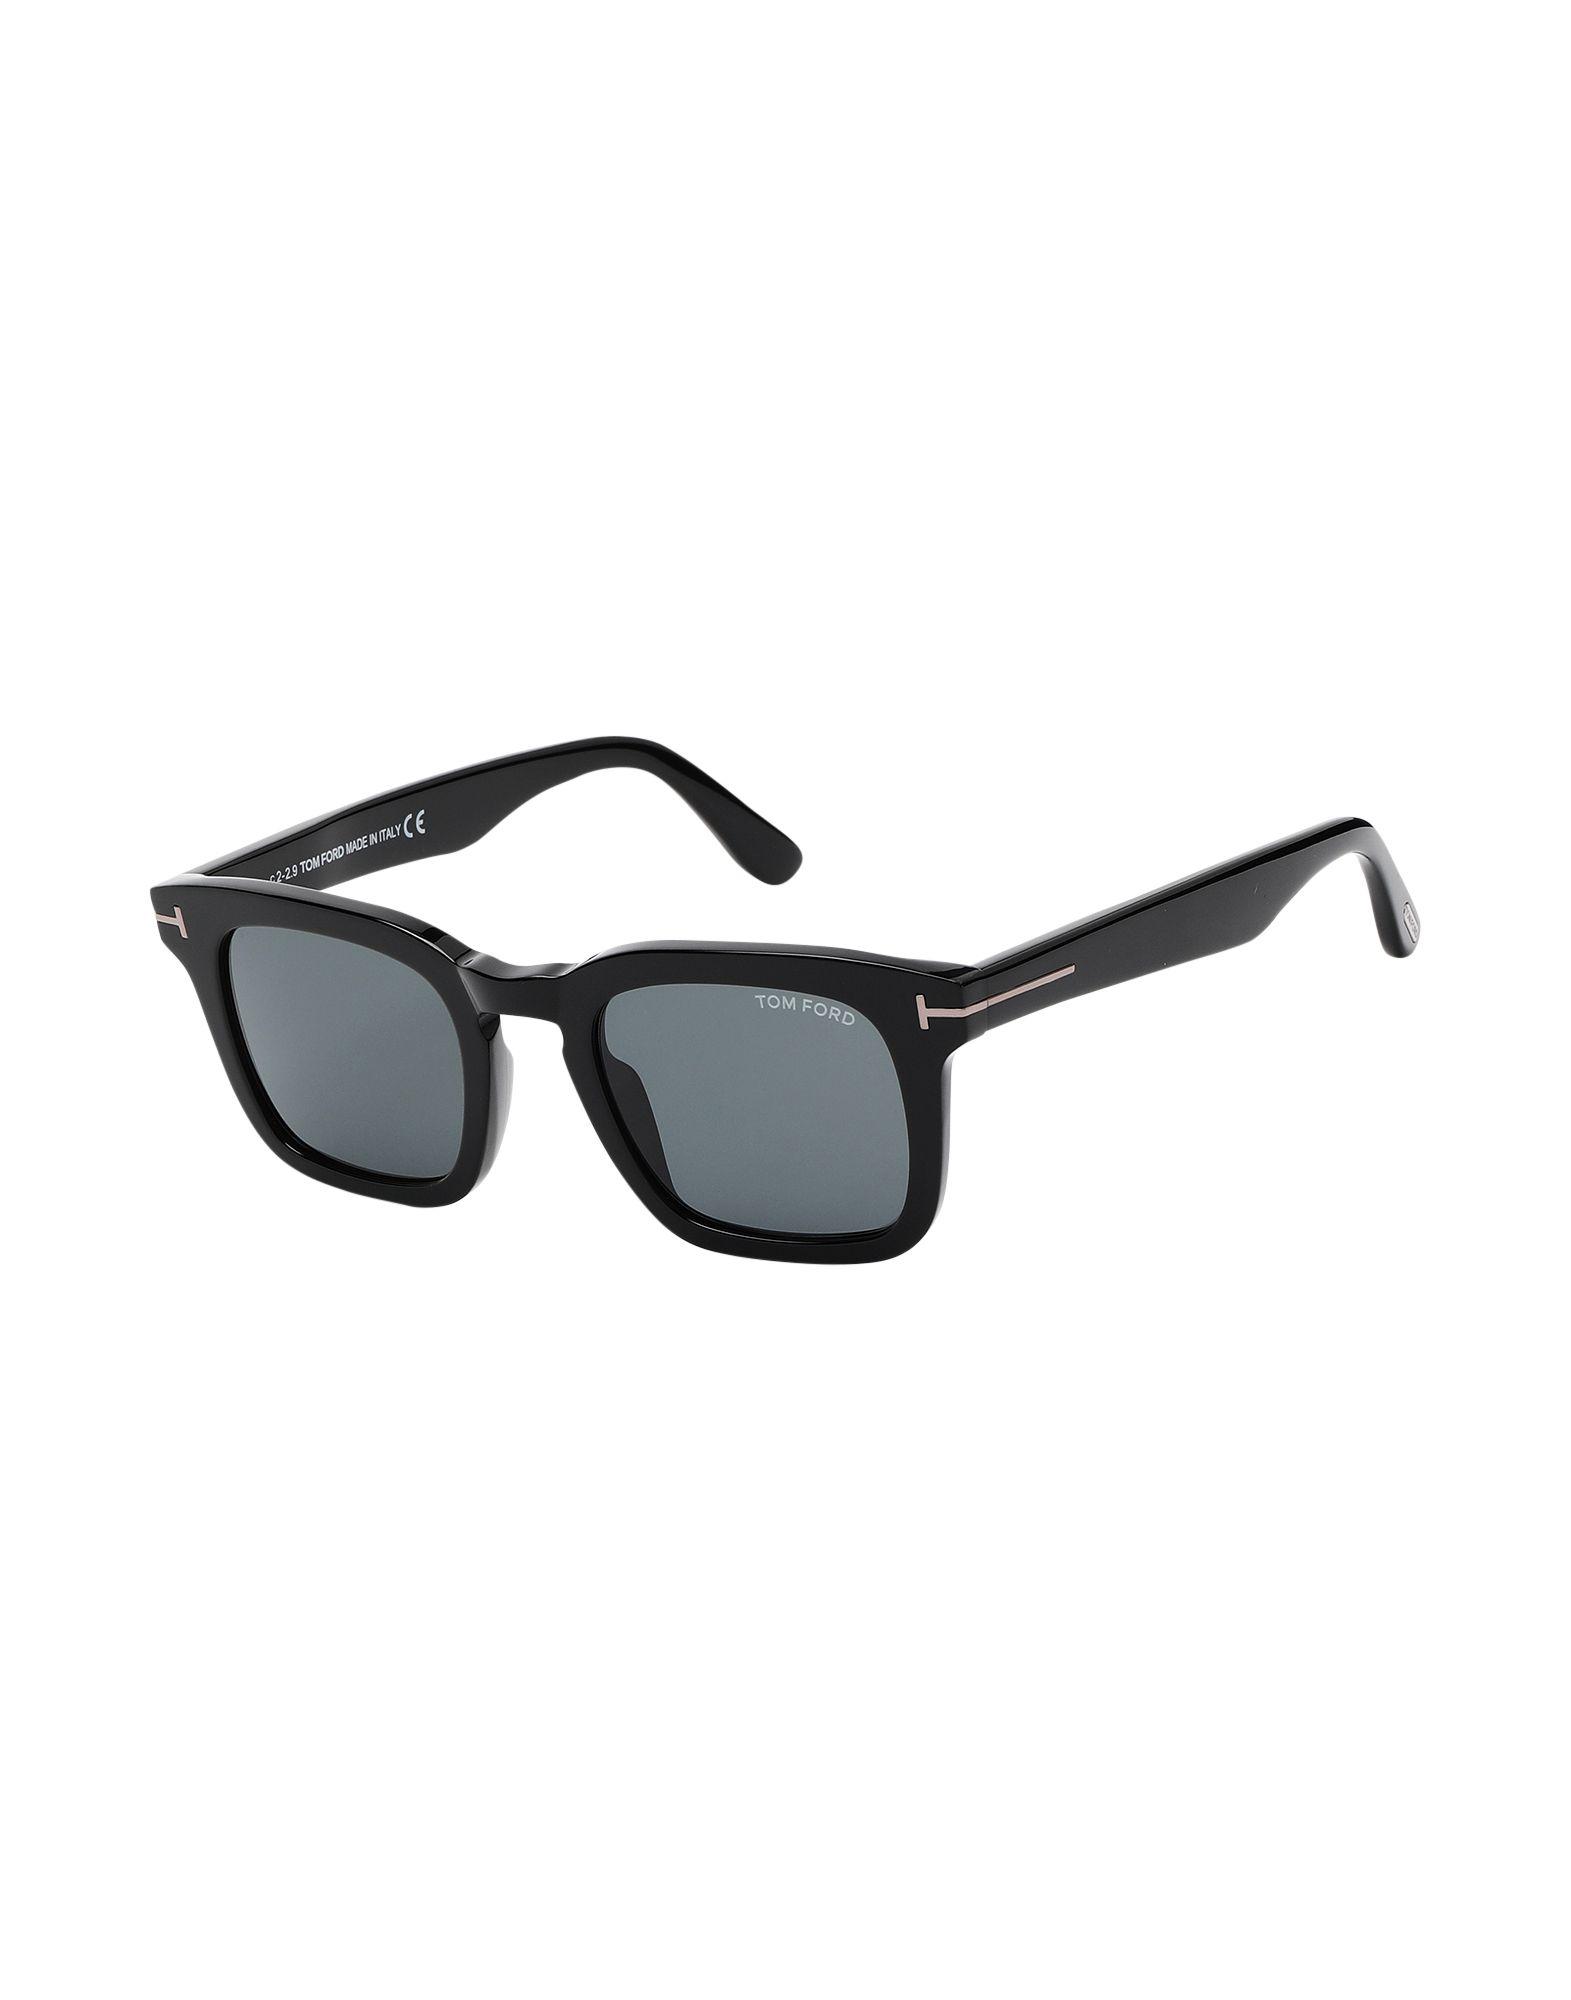 Фото - TOM FORD Солнечные очки tom ford солнцезащитные очки ft 0266 01b